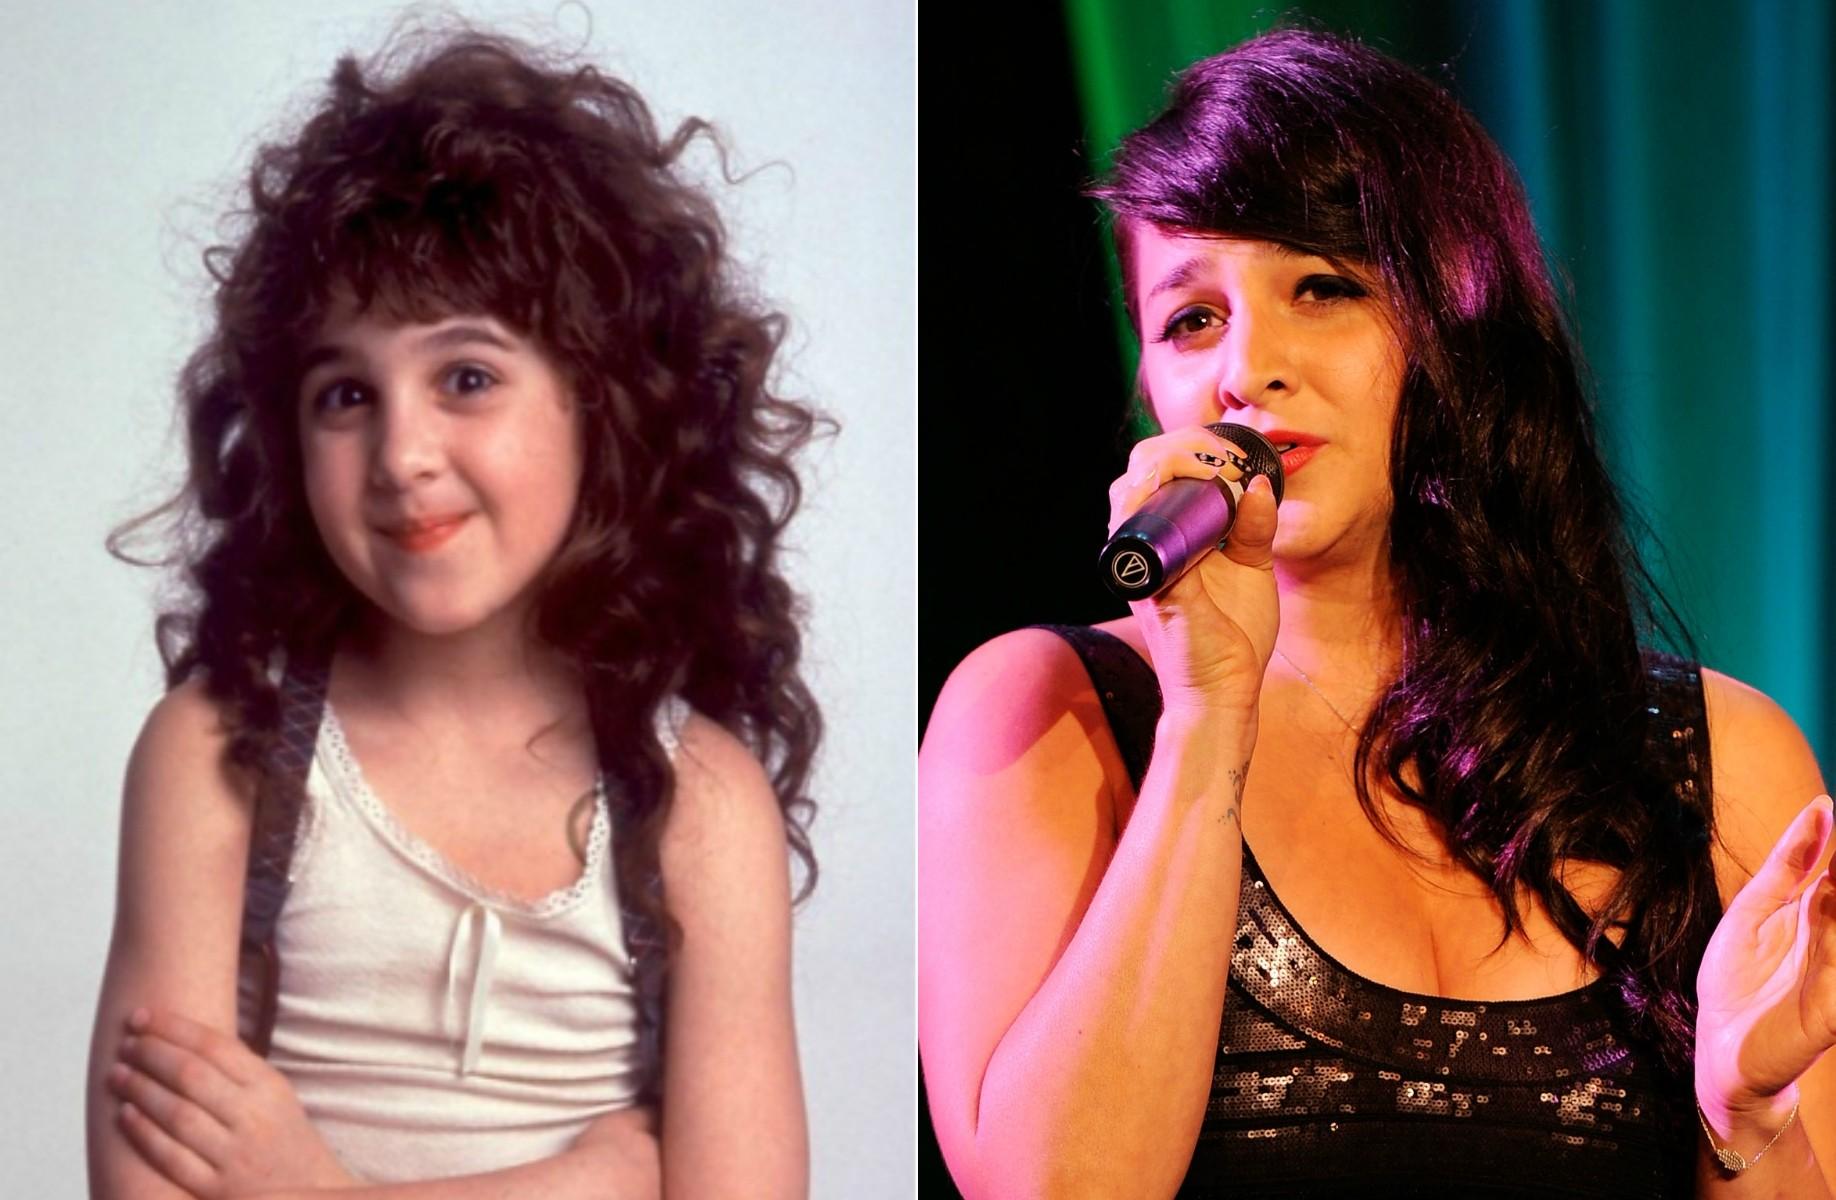 Alisan Porter já foi 'A Malandrinha' em 1991. Na atualidade, aos 34 anos de idade, é cantora. (Foto: Reprodução e Getty Images)